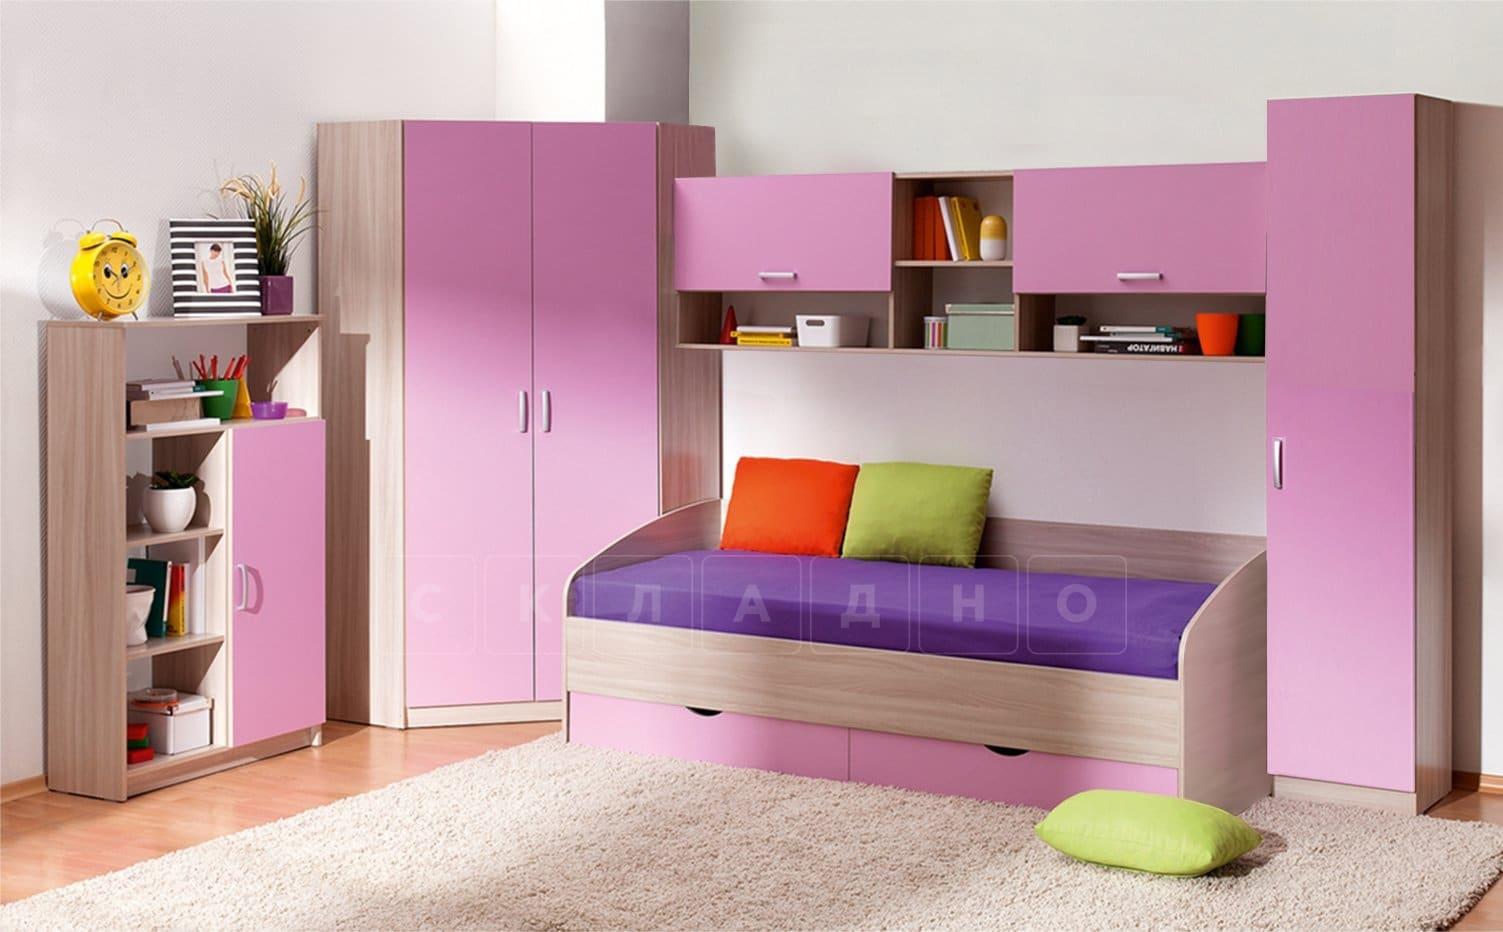 Набор детской мебели Лотос-4 фото 1 | интернет-магазин Складно